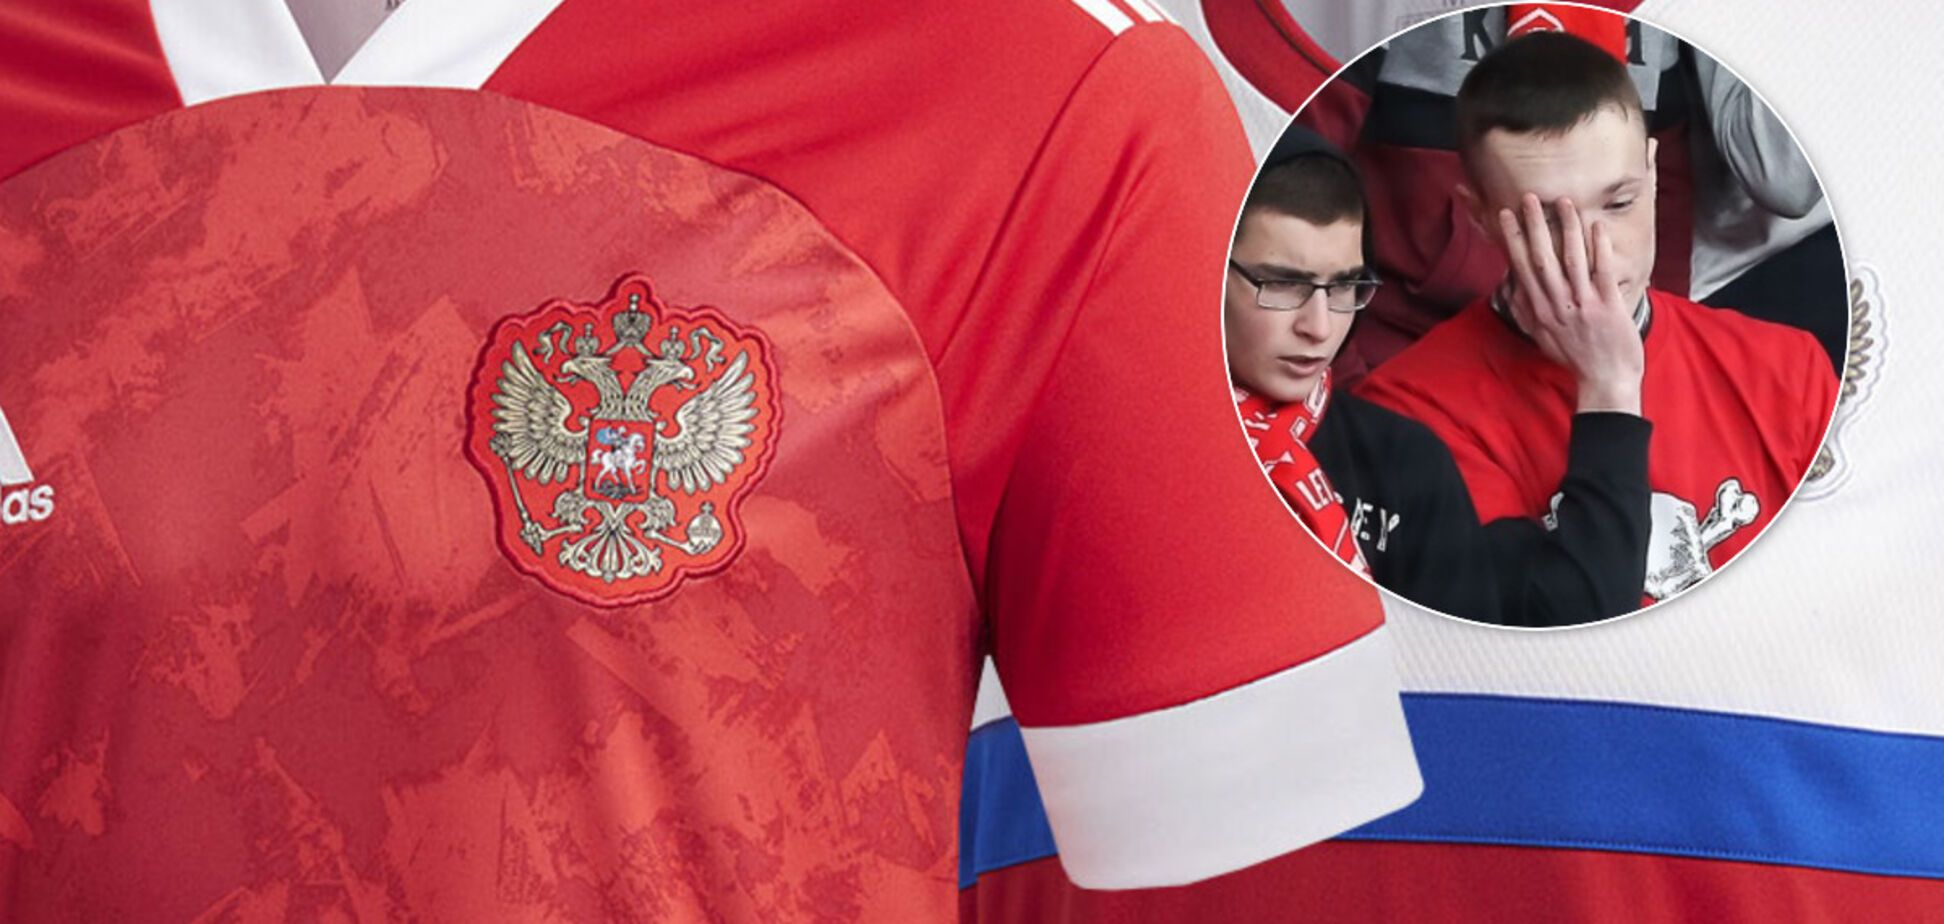 Новая форма сборной России по футболу вызвала истерику в сети